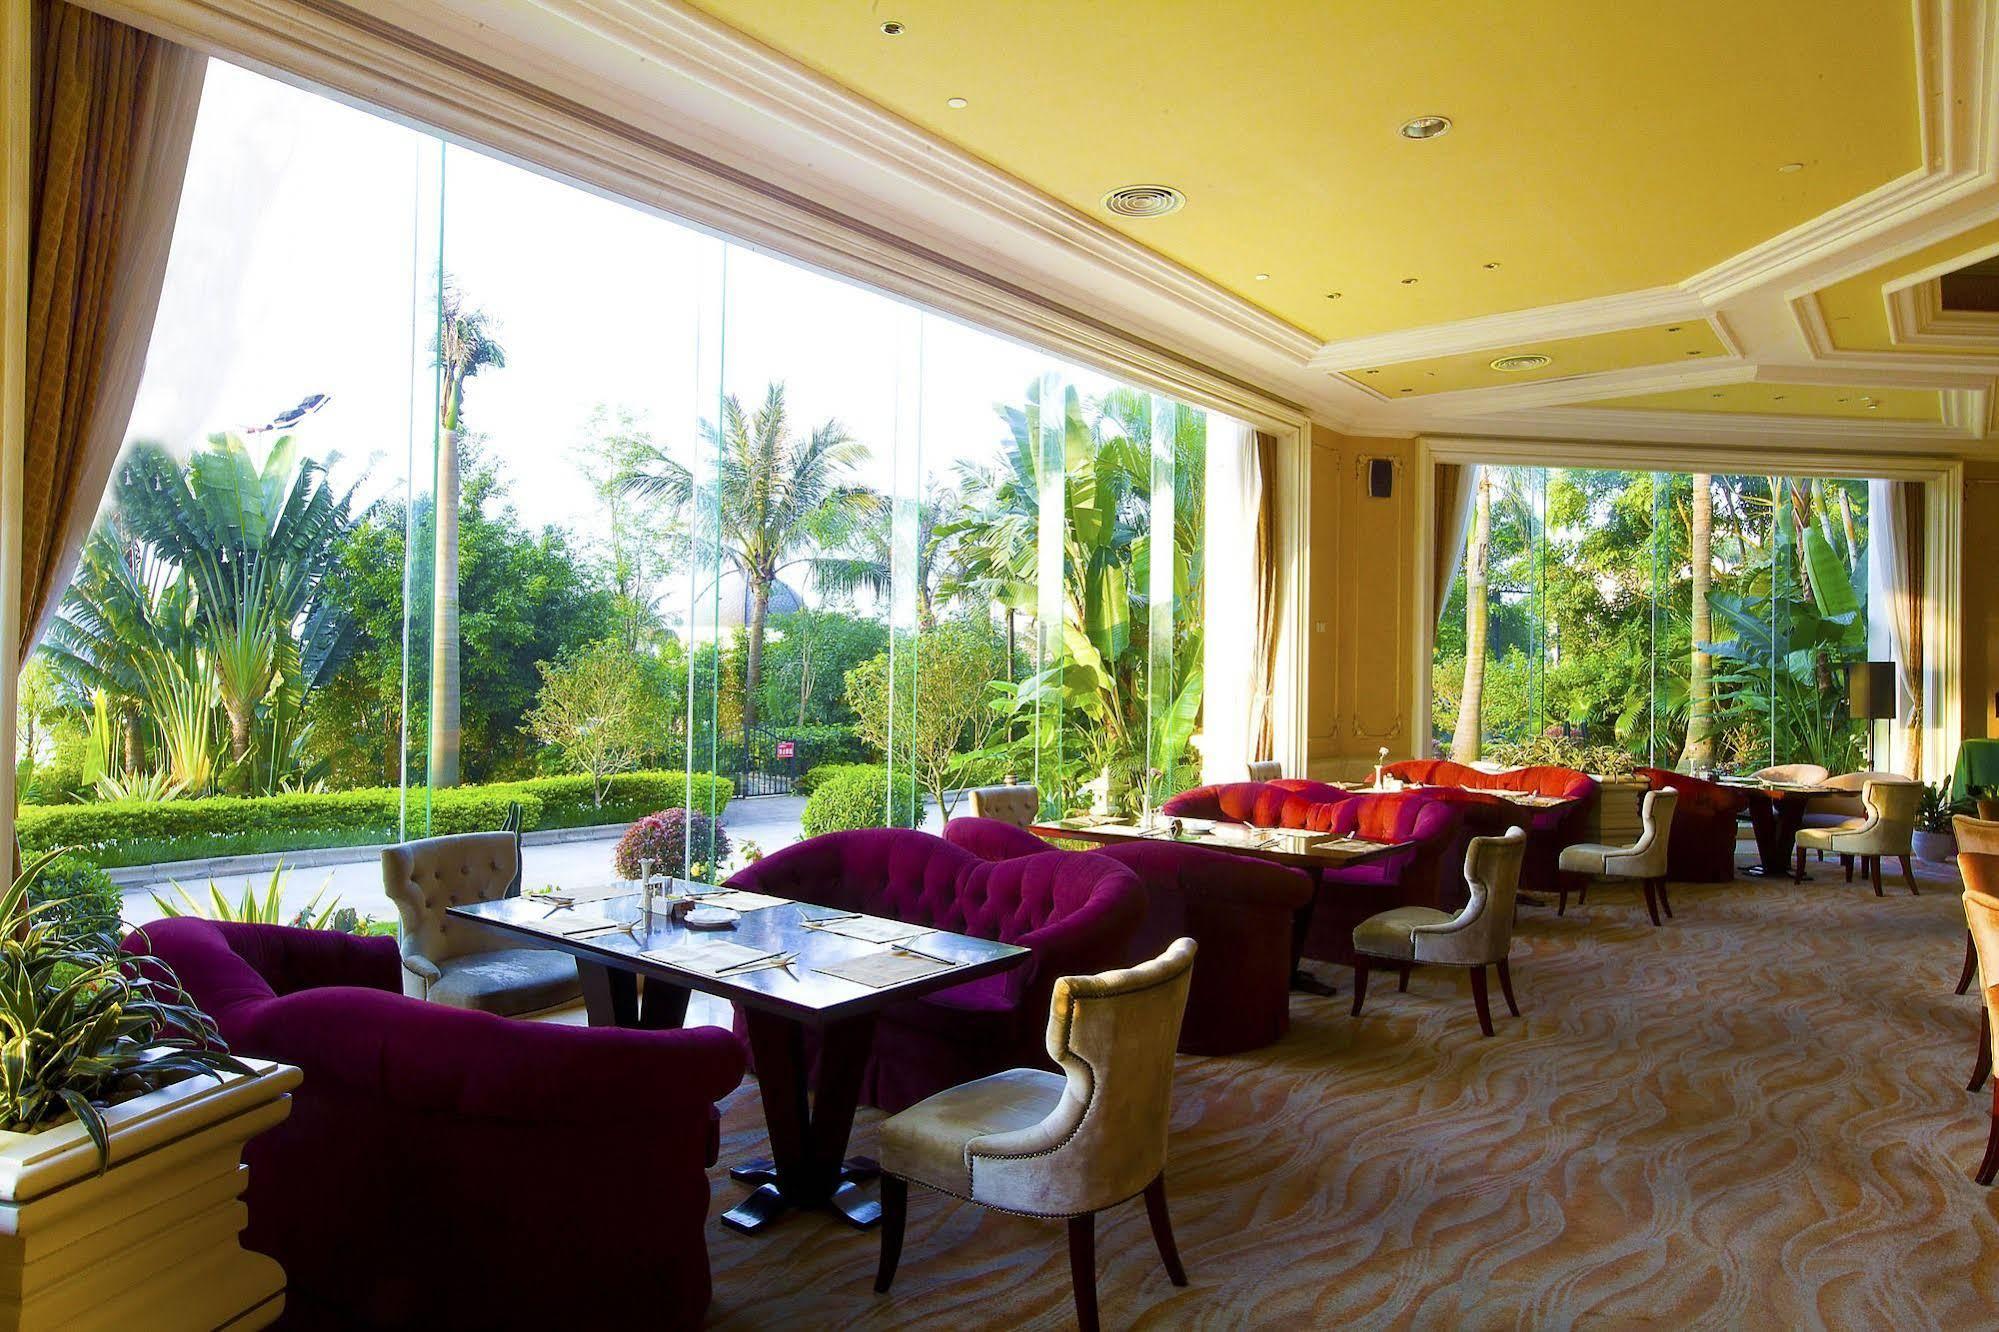 Yangjiang Country Garden Phoenix Hotel